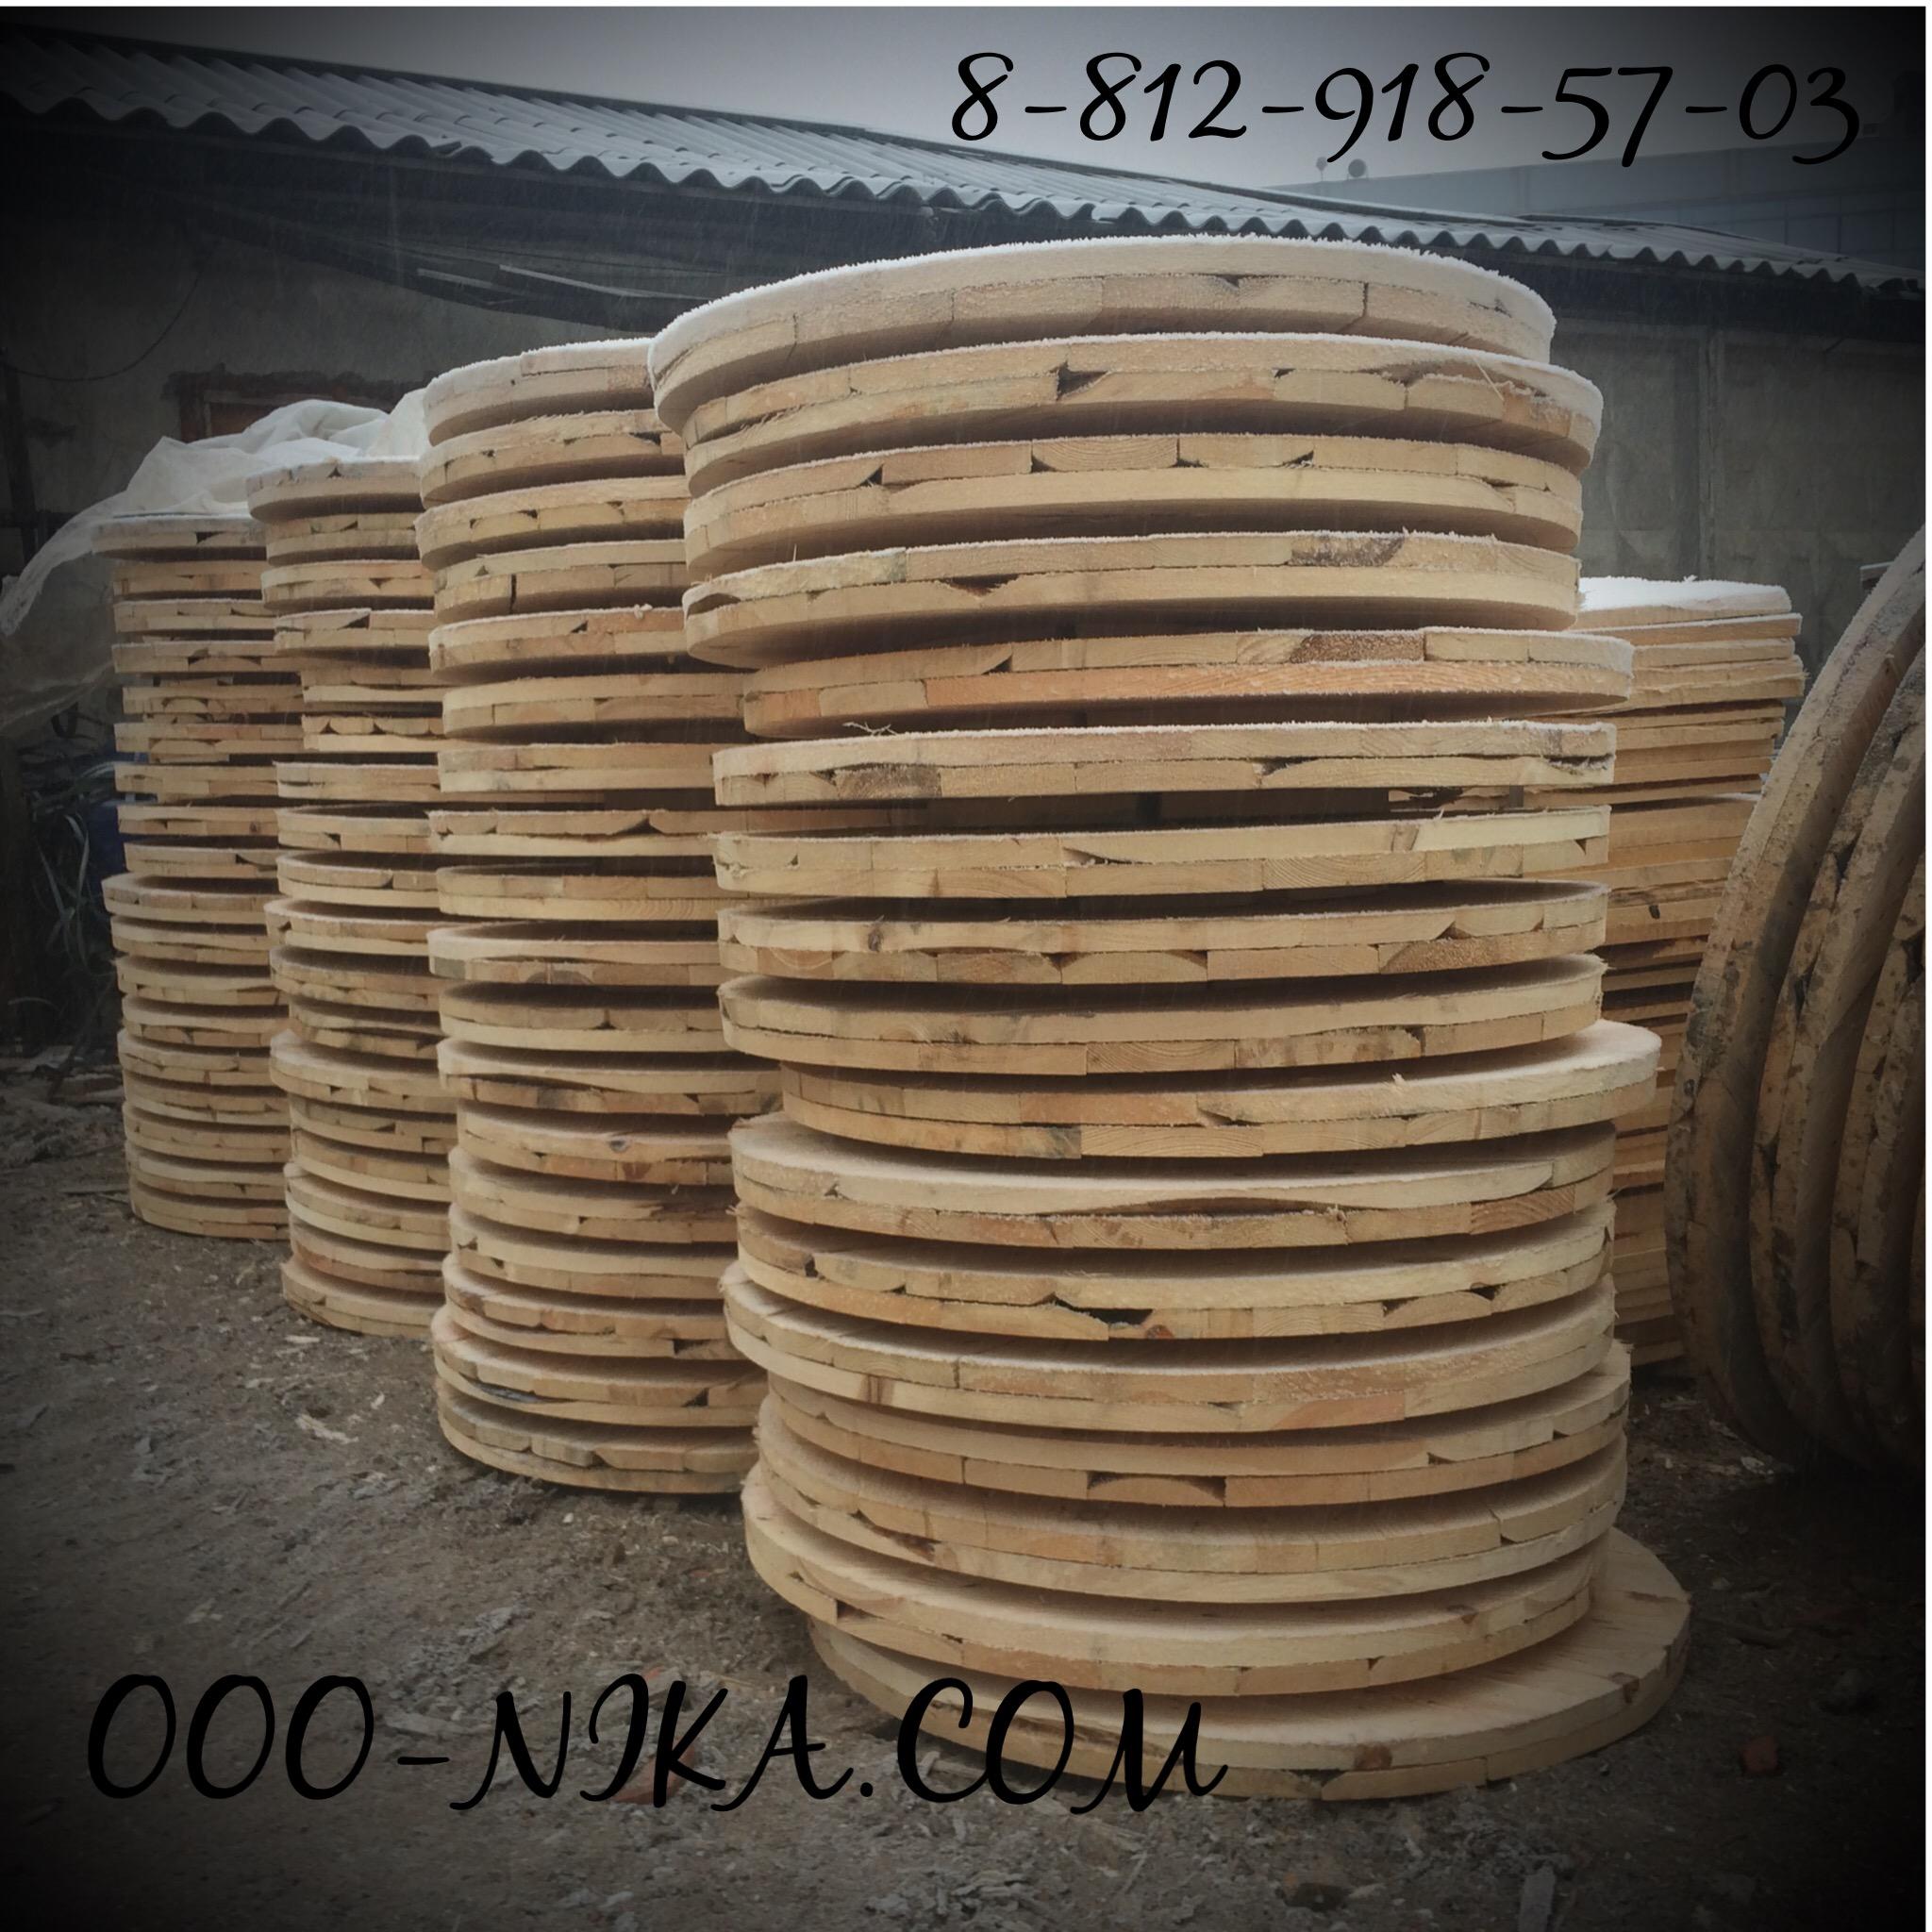 барабанов сборка деревянных